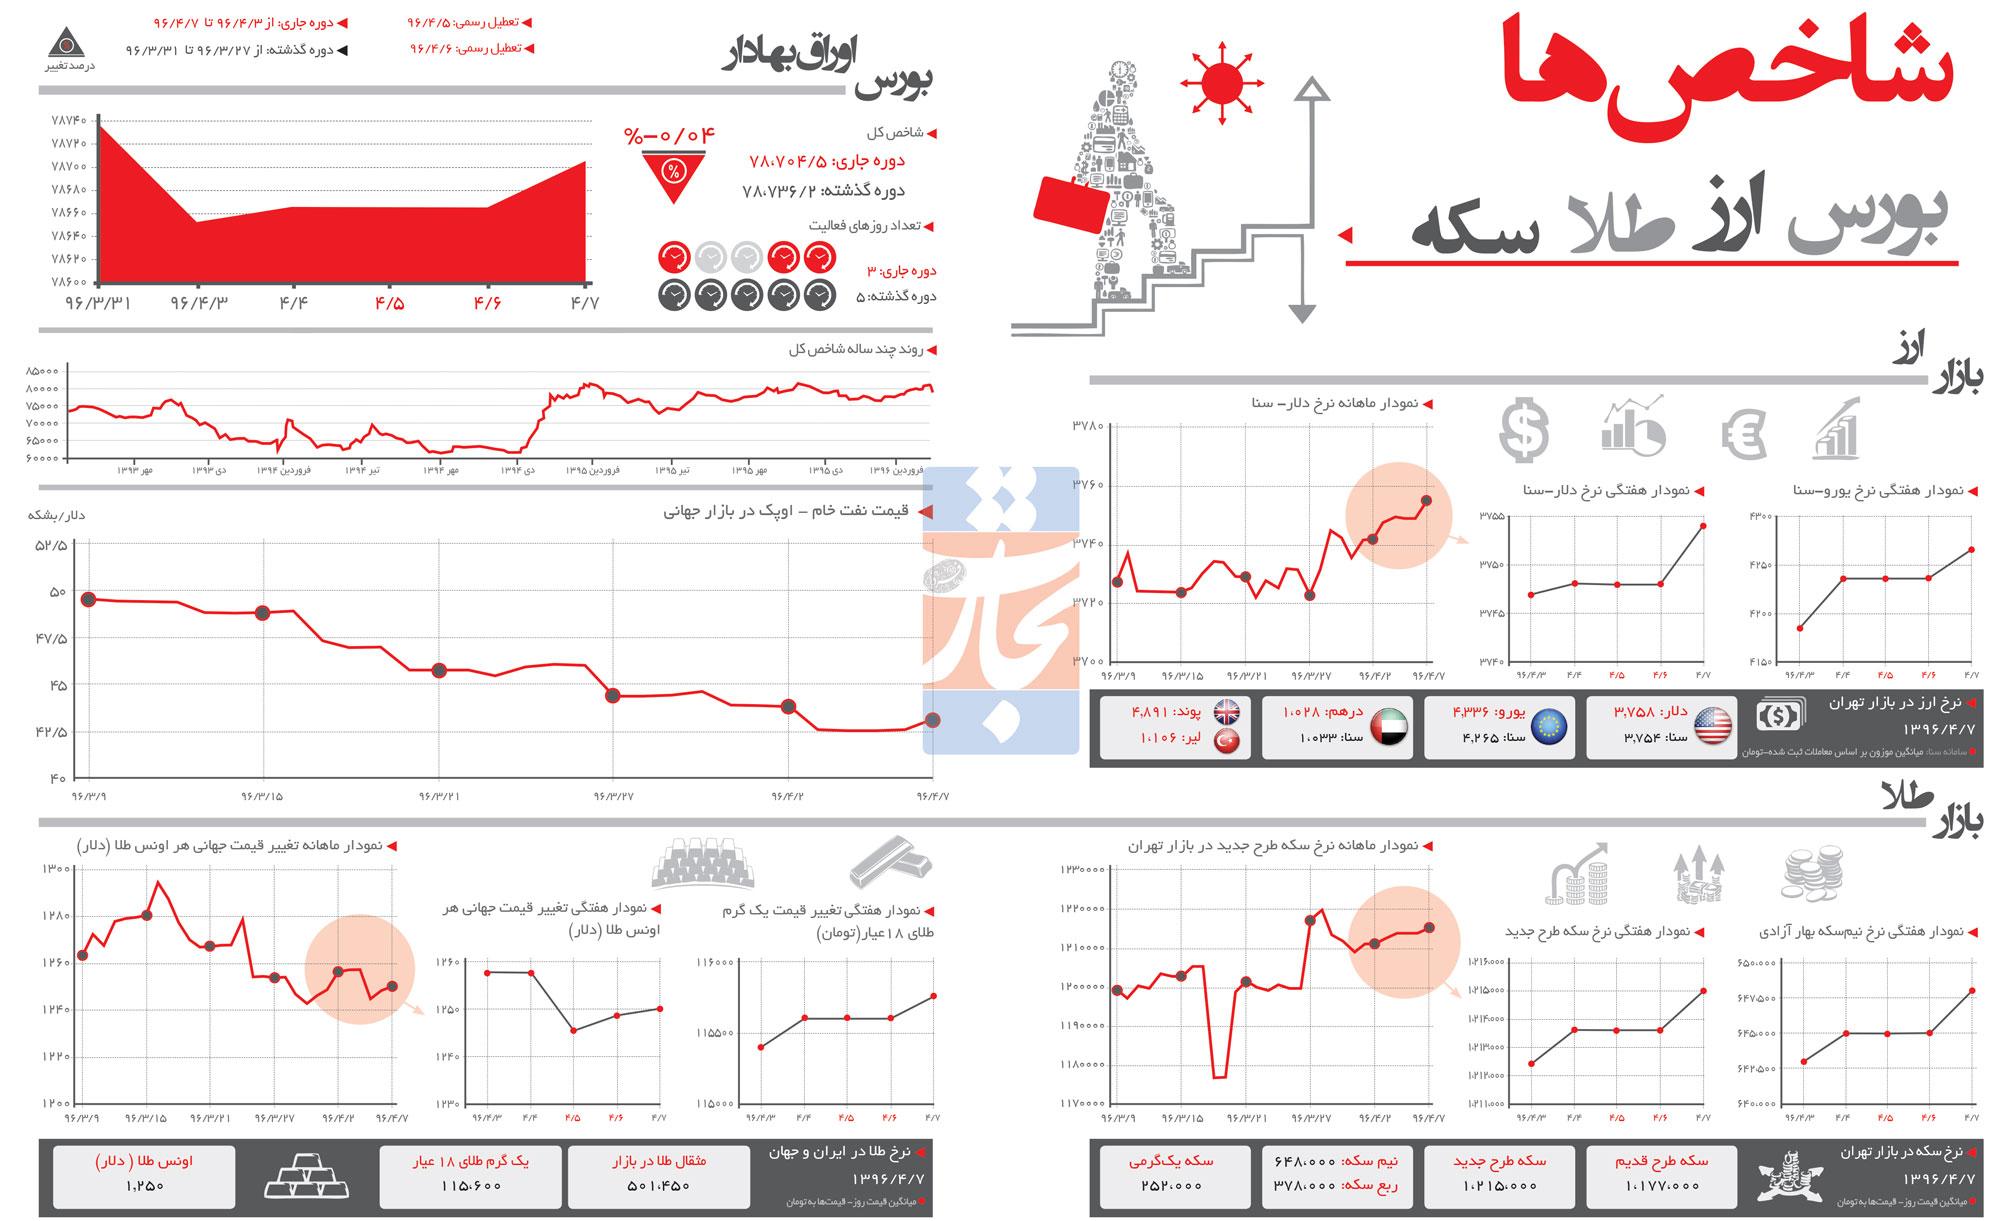 تجارت فردا- شاخصهای اقتصادی